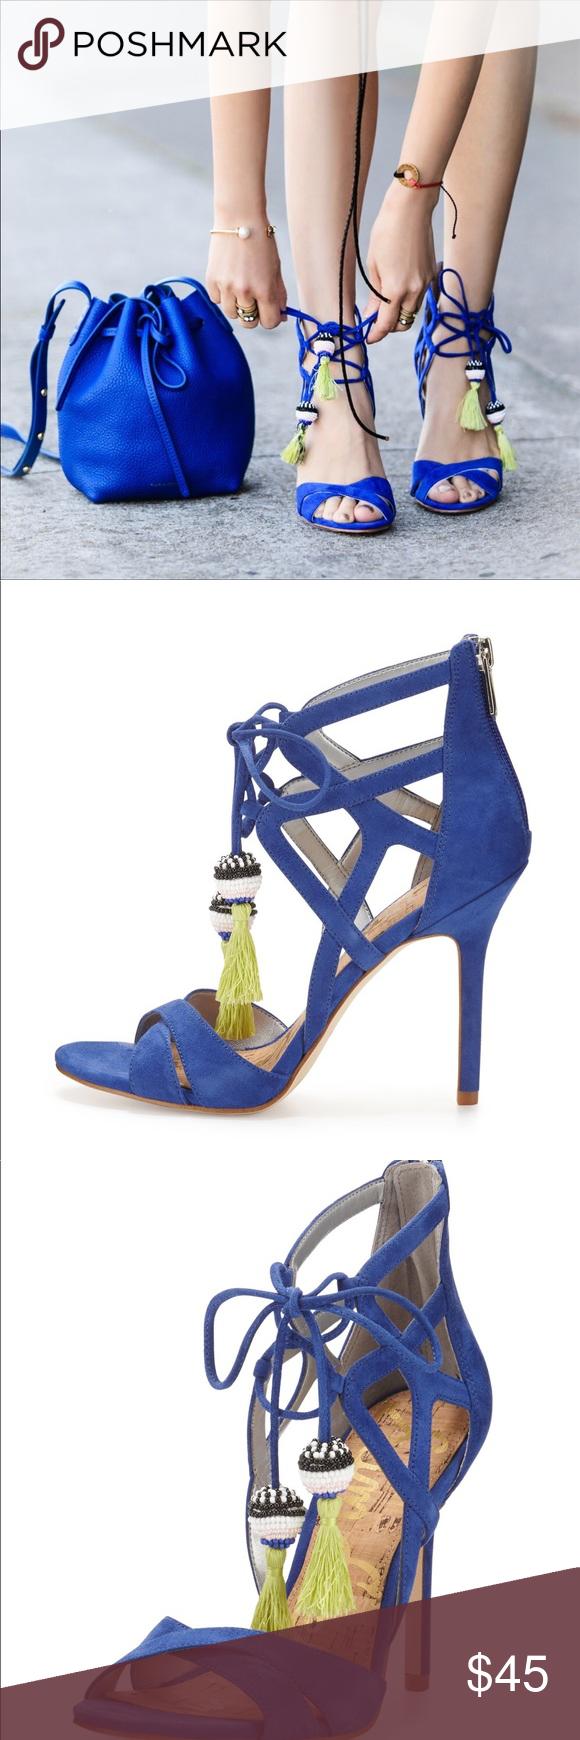 abfd021a884c Sam Edelman Azela Strappy Tassel Sandal Sam Edelman Azela Strappy Tassel  Sandal in Sailor Blue Suede